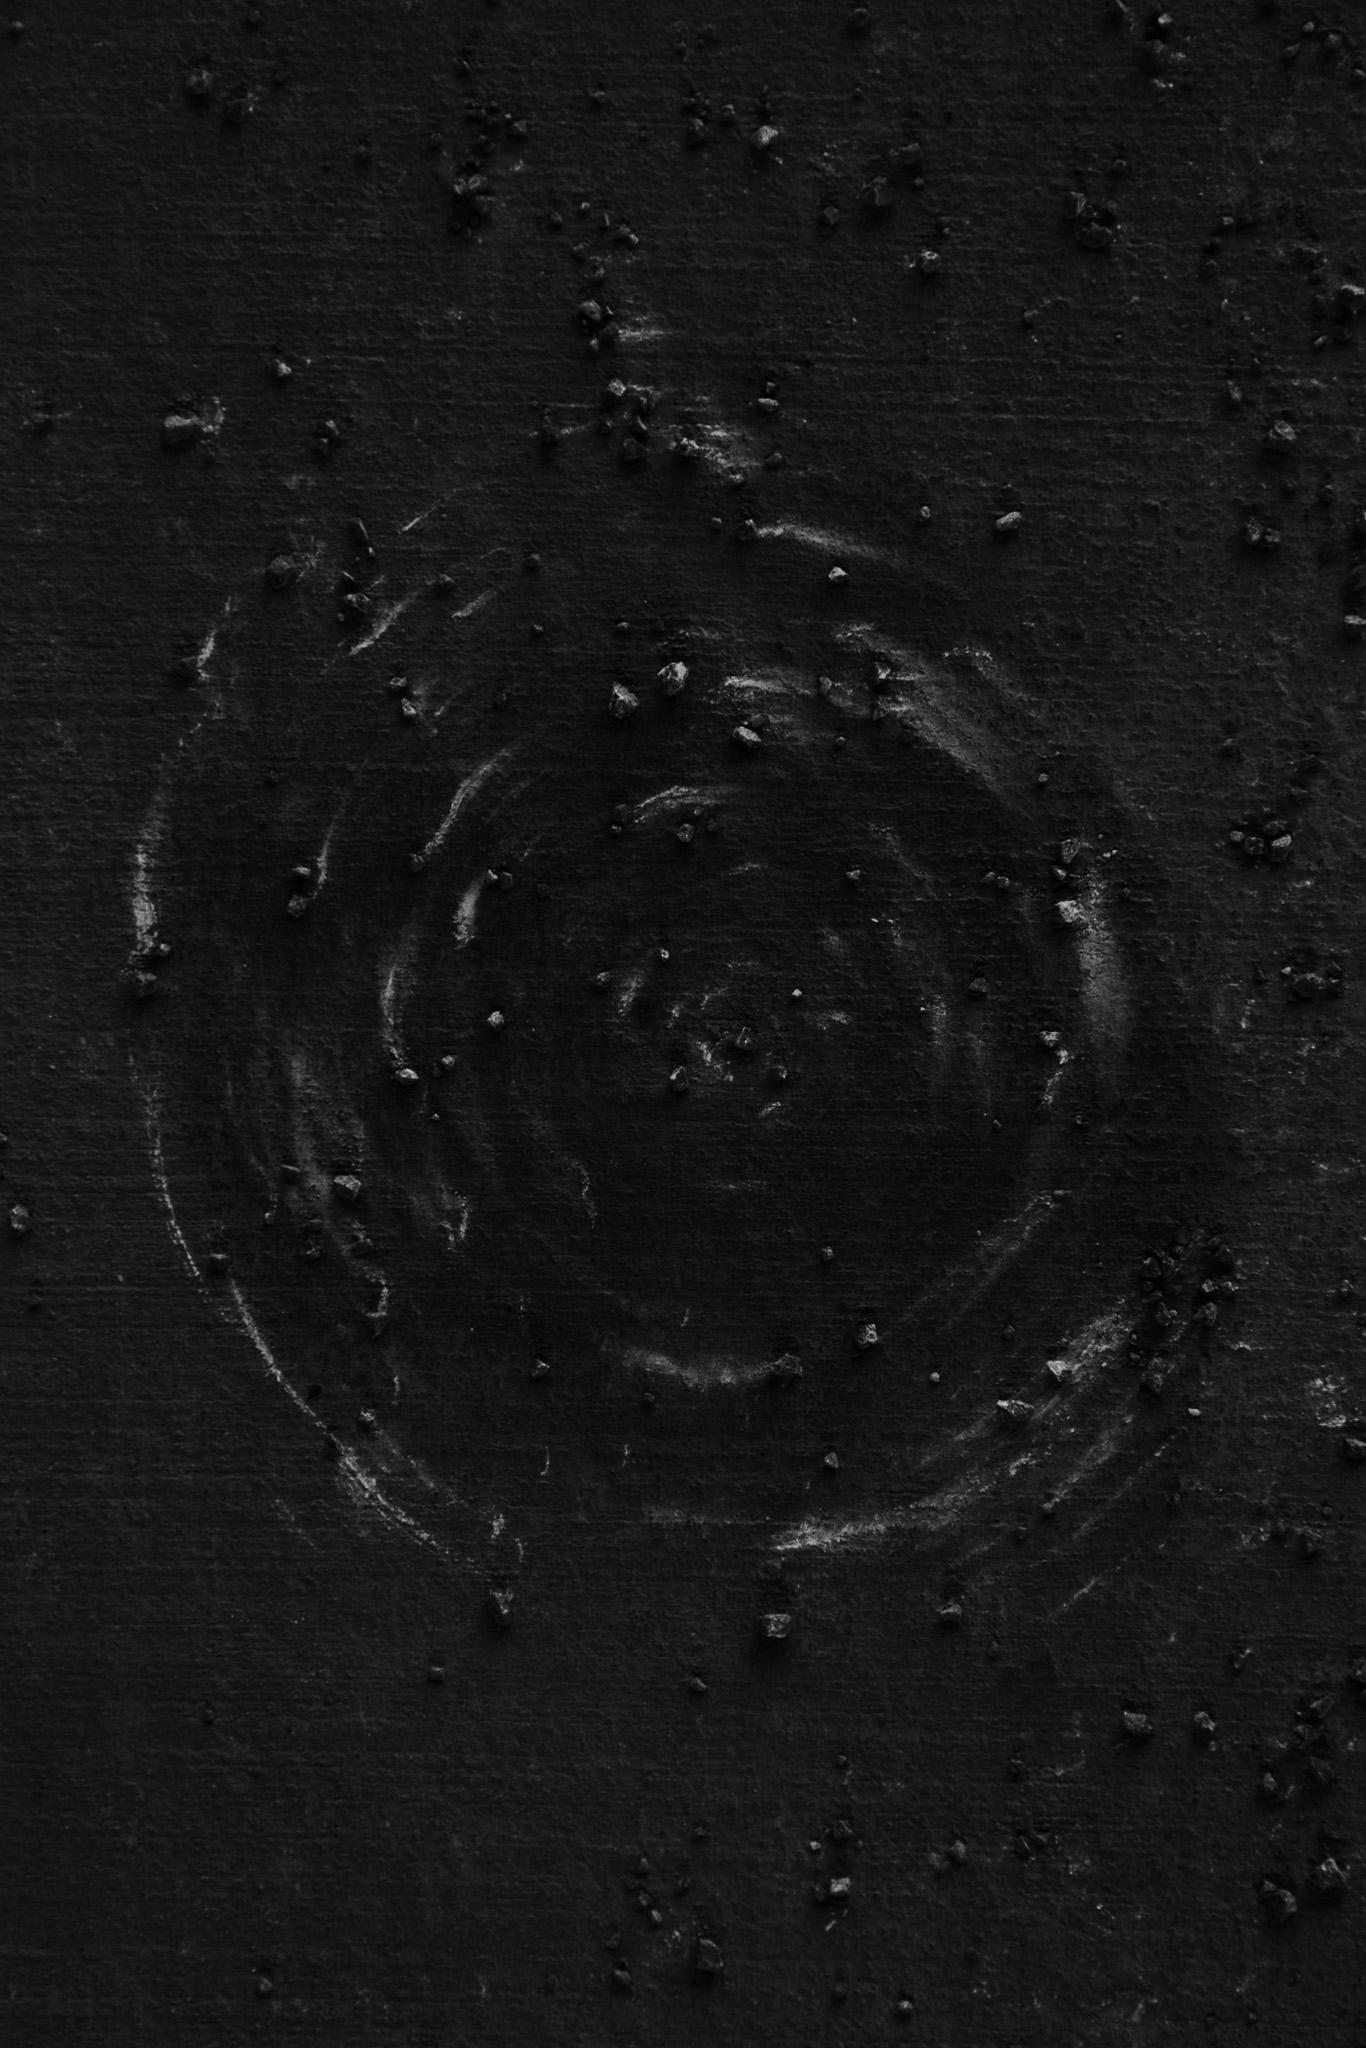 DarkMatter-01.jpg